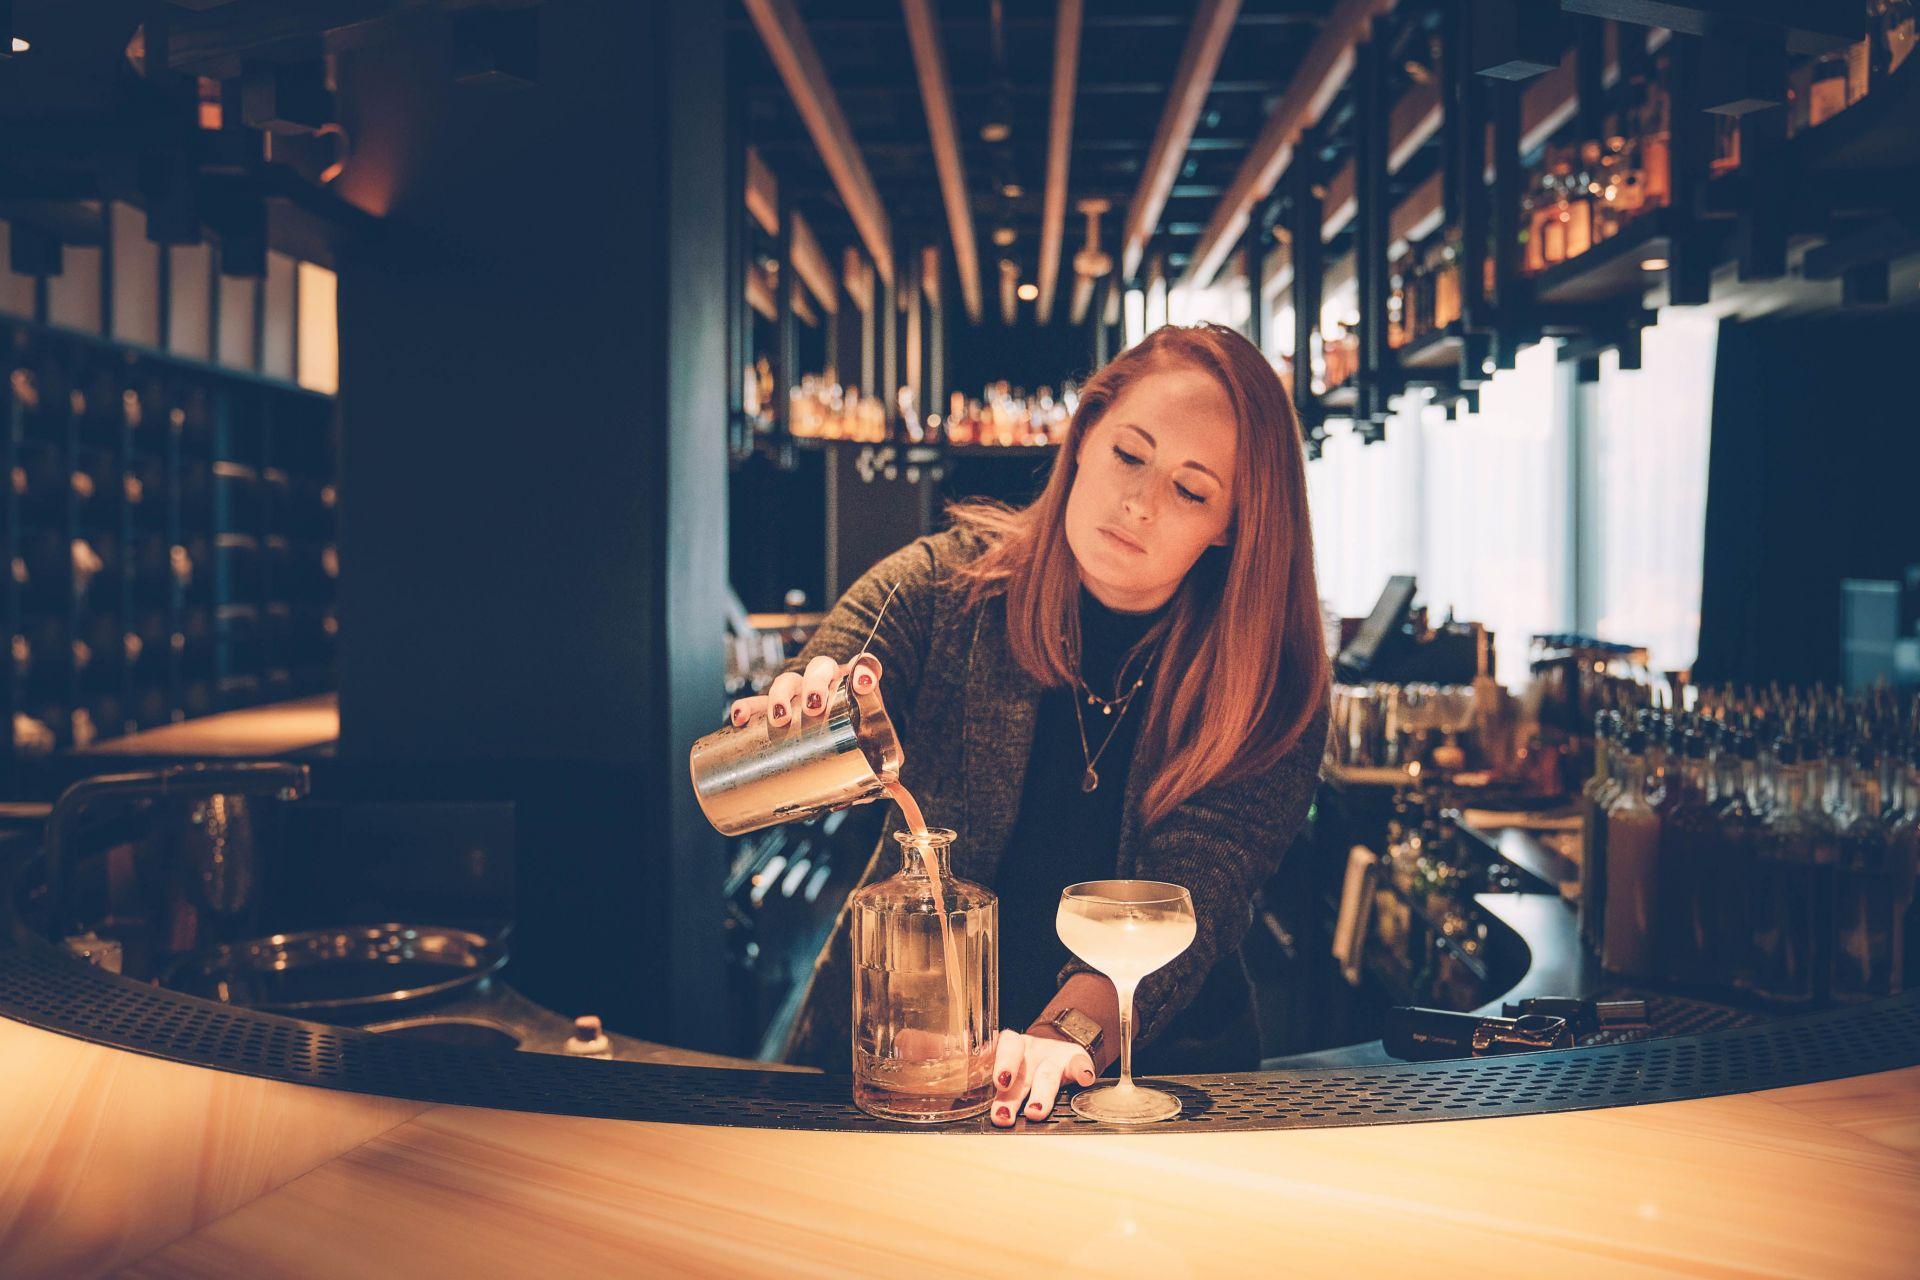 Bis bald, auf den nächsten Drink! – ©wunderland media GmbH